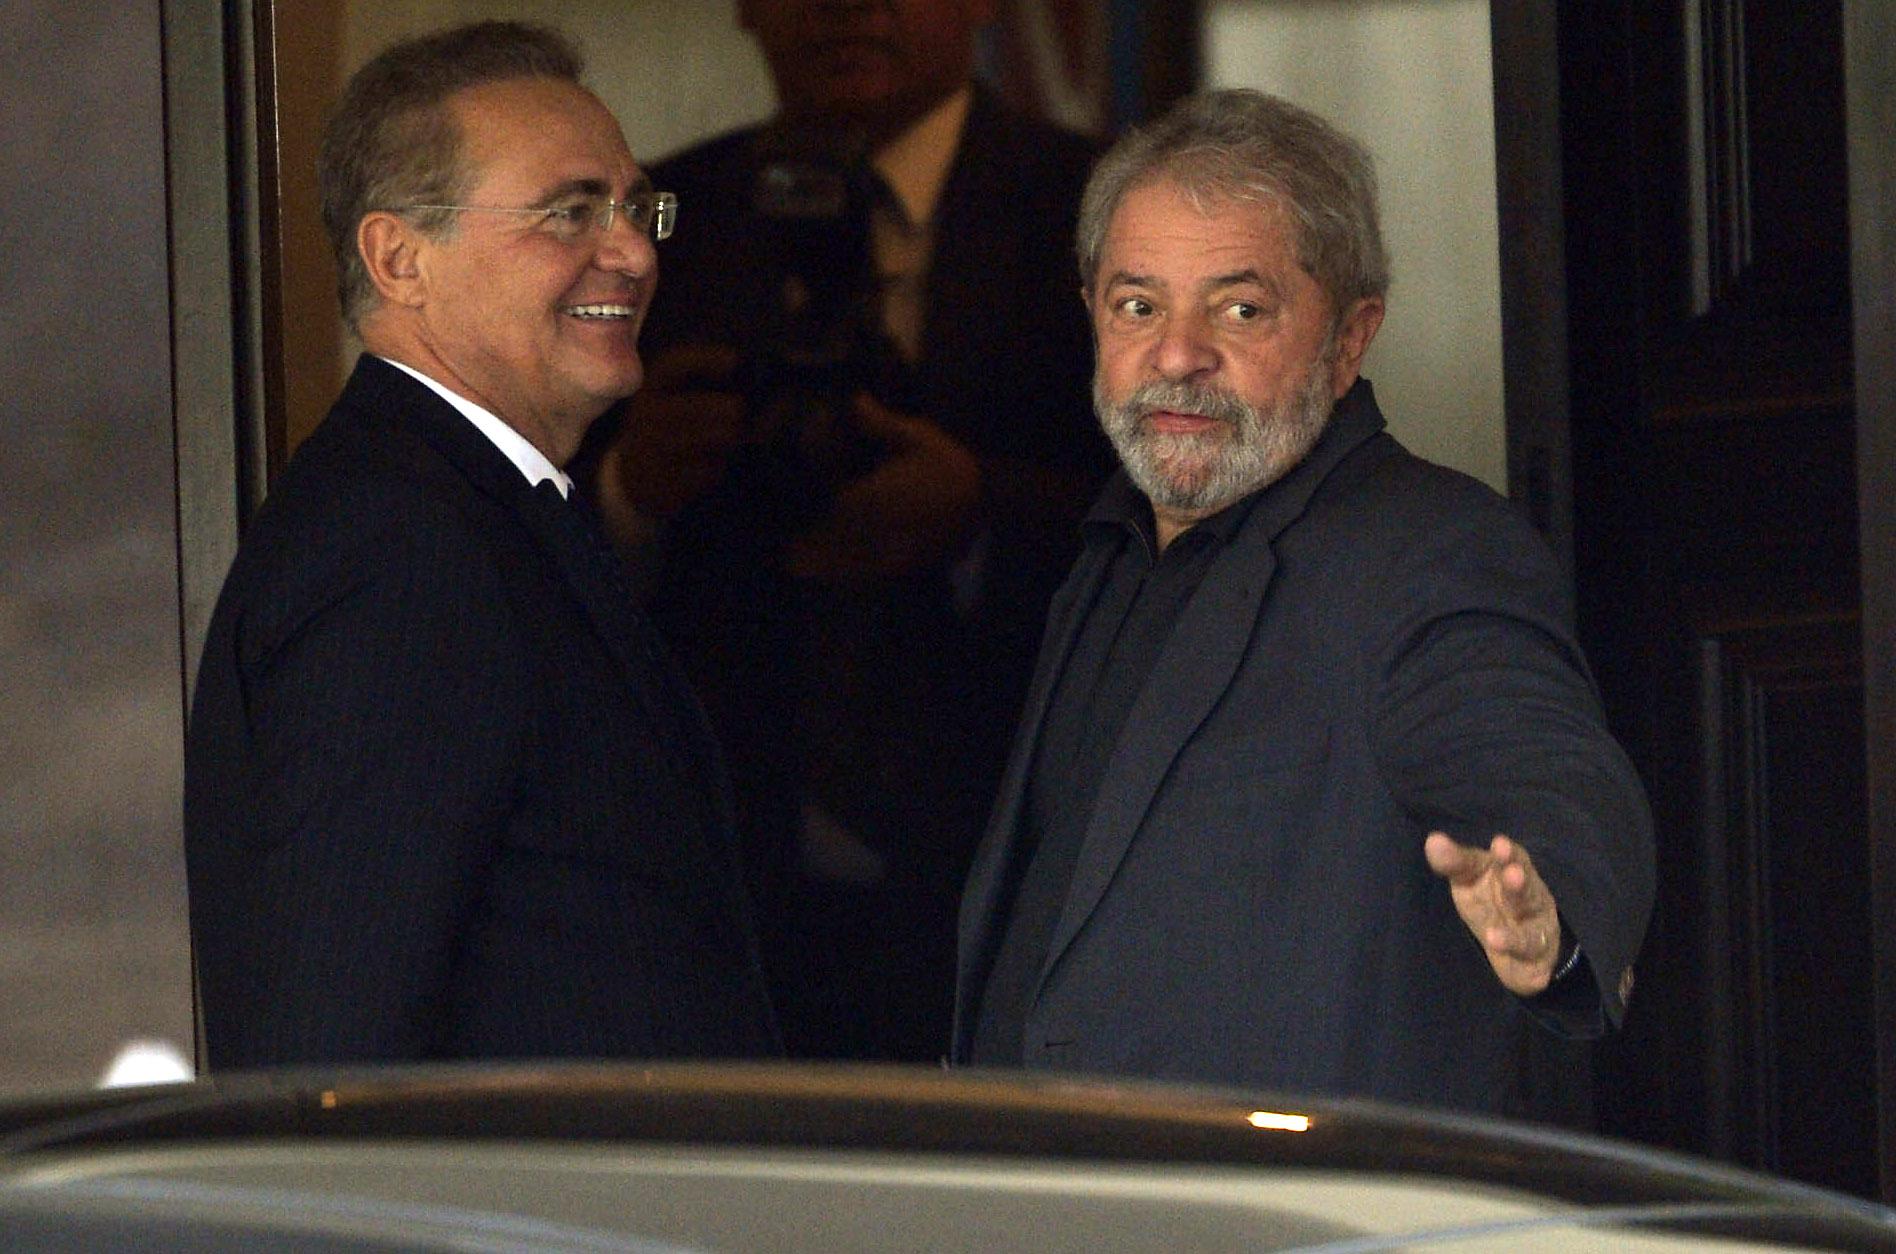 Em reunião com Lula, Renan diz que decisão do Senado será política e de mérito